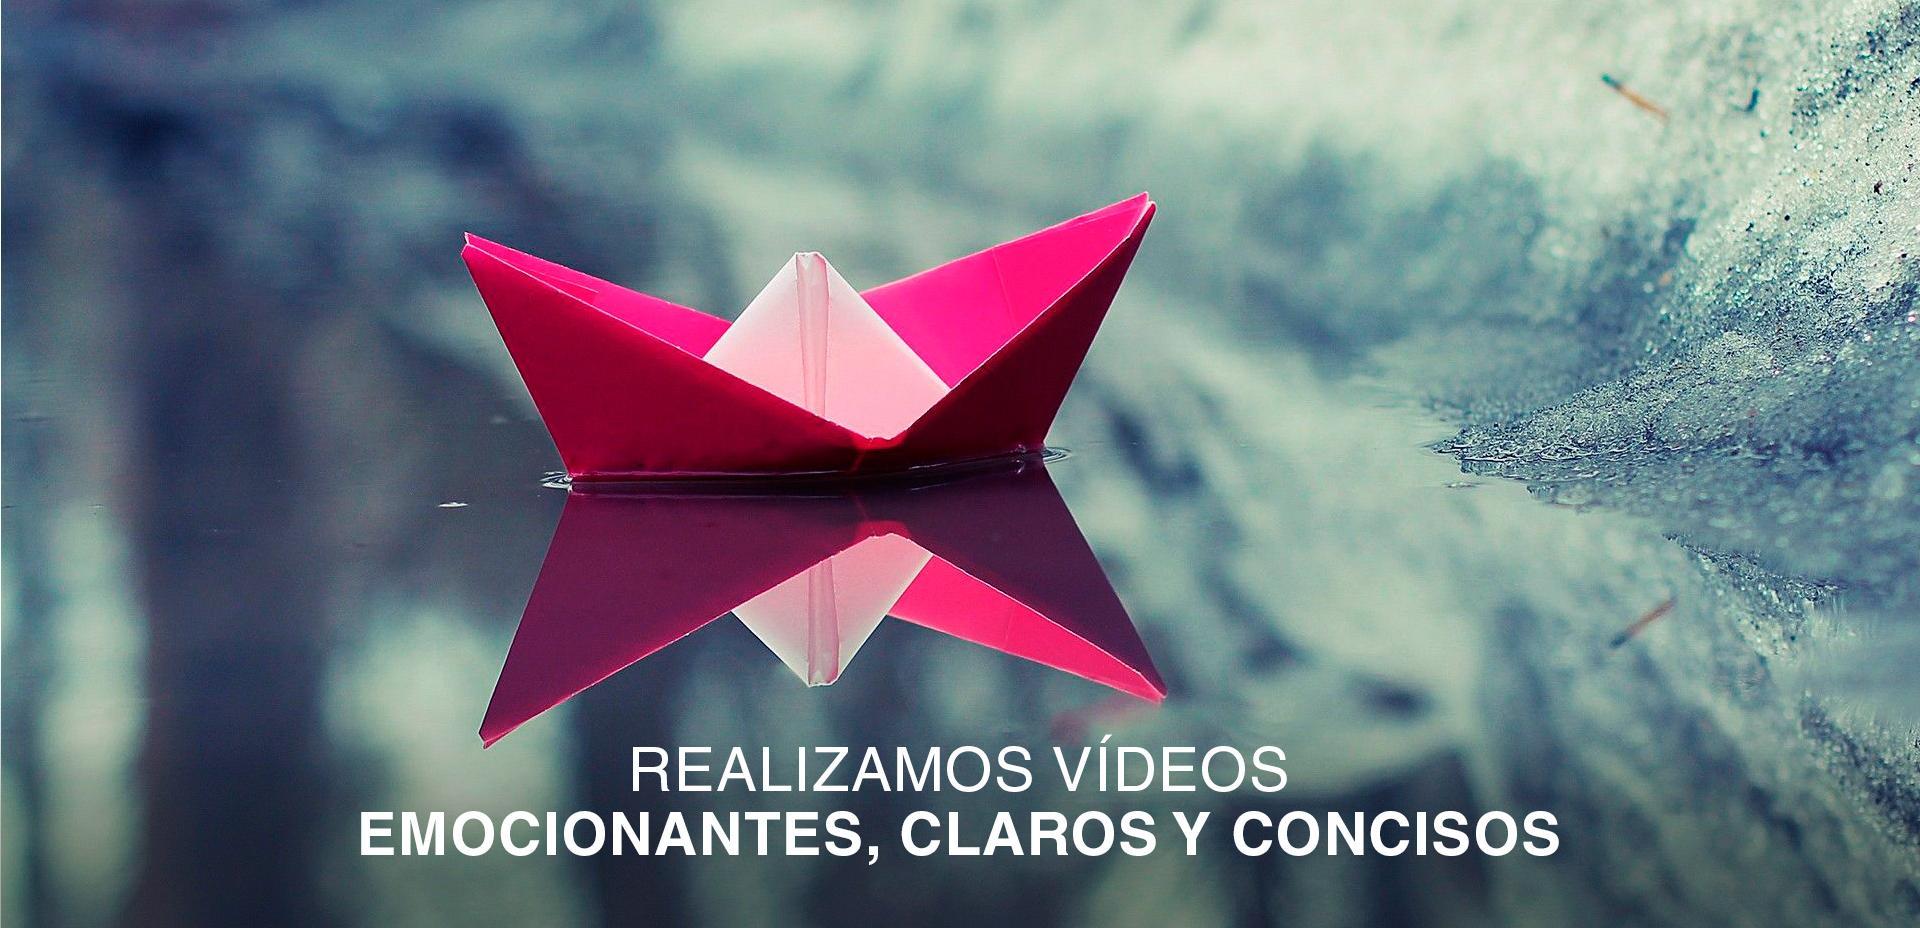 Realizamos vídeos emocionantes, claros y concisos